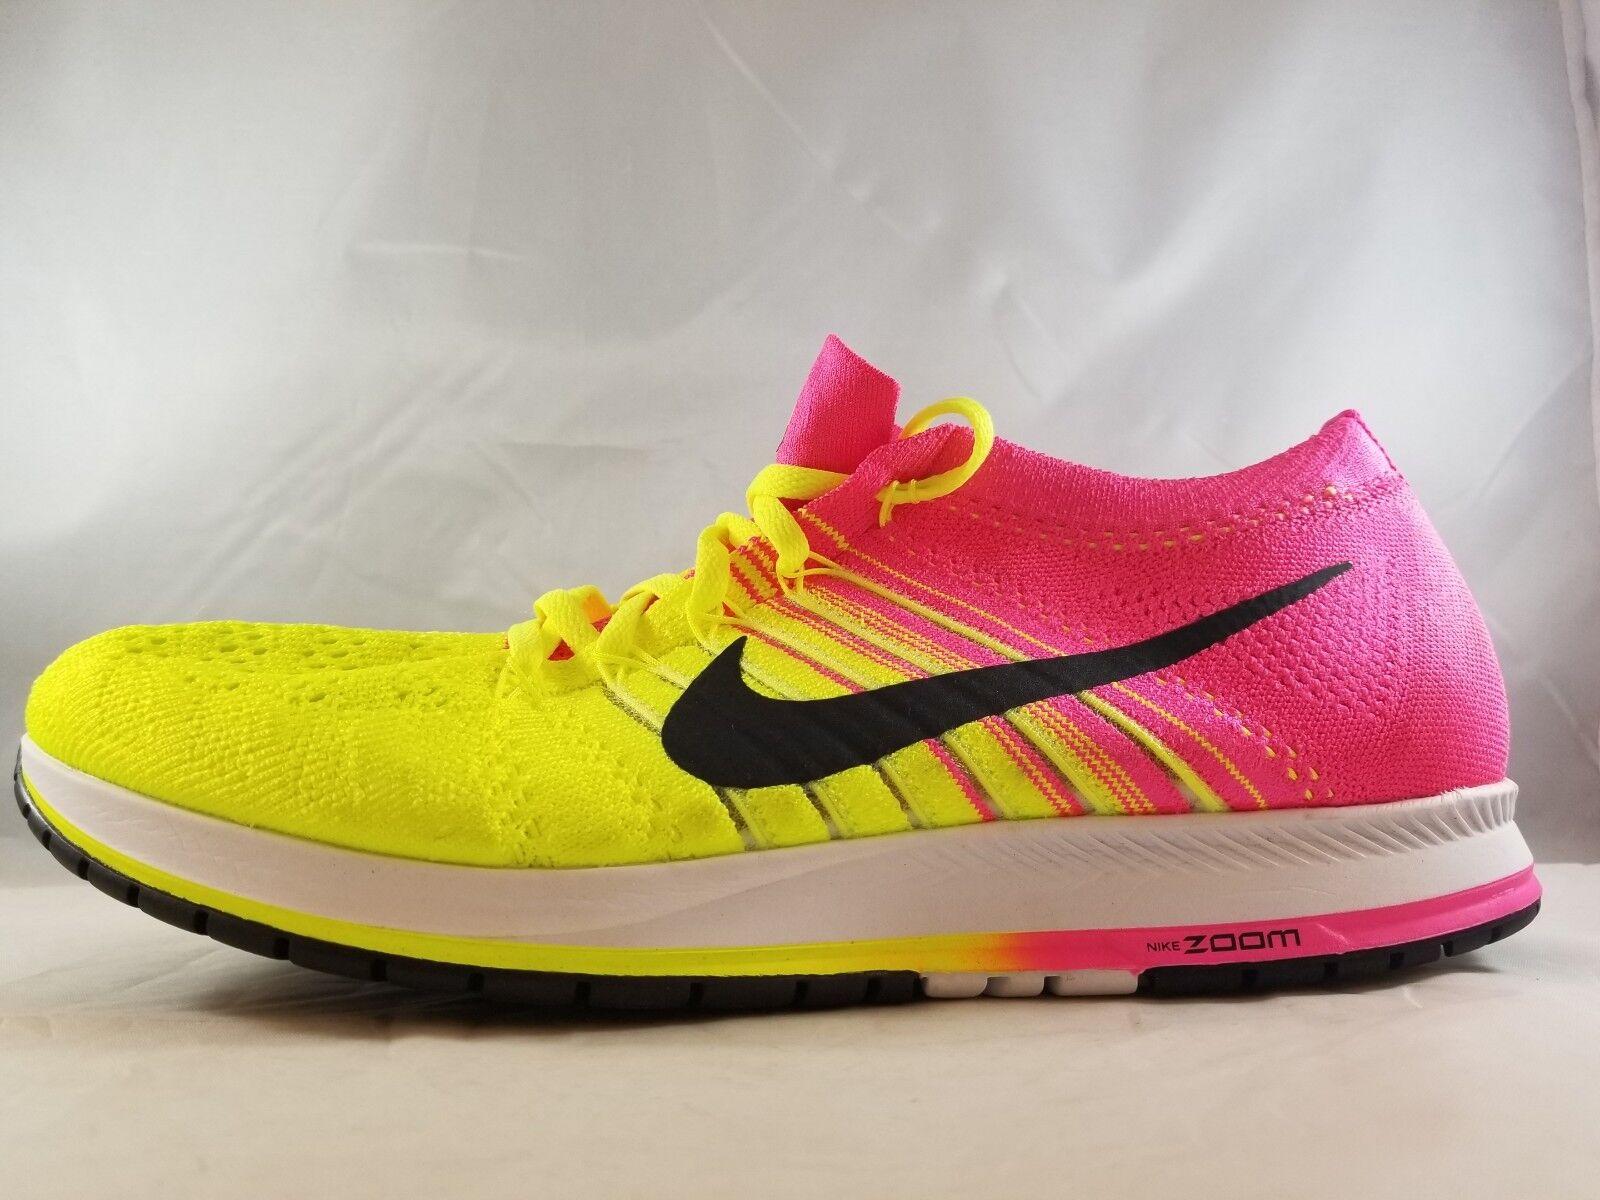 Nike Flyknit Streak Unisex Running Shoe 835994 999 Mens Size 12.5 Womens Size 14